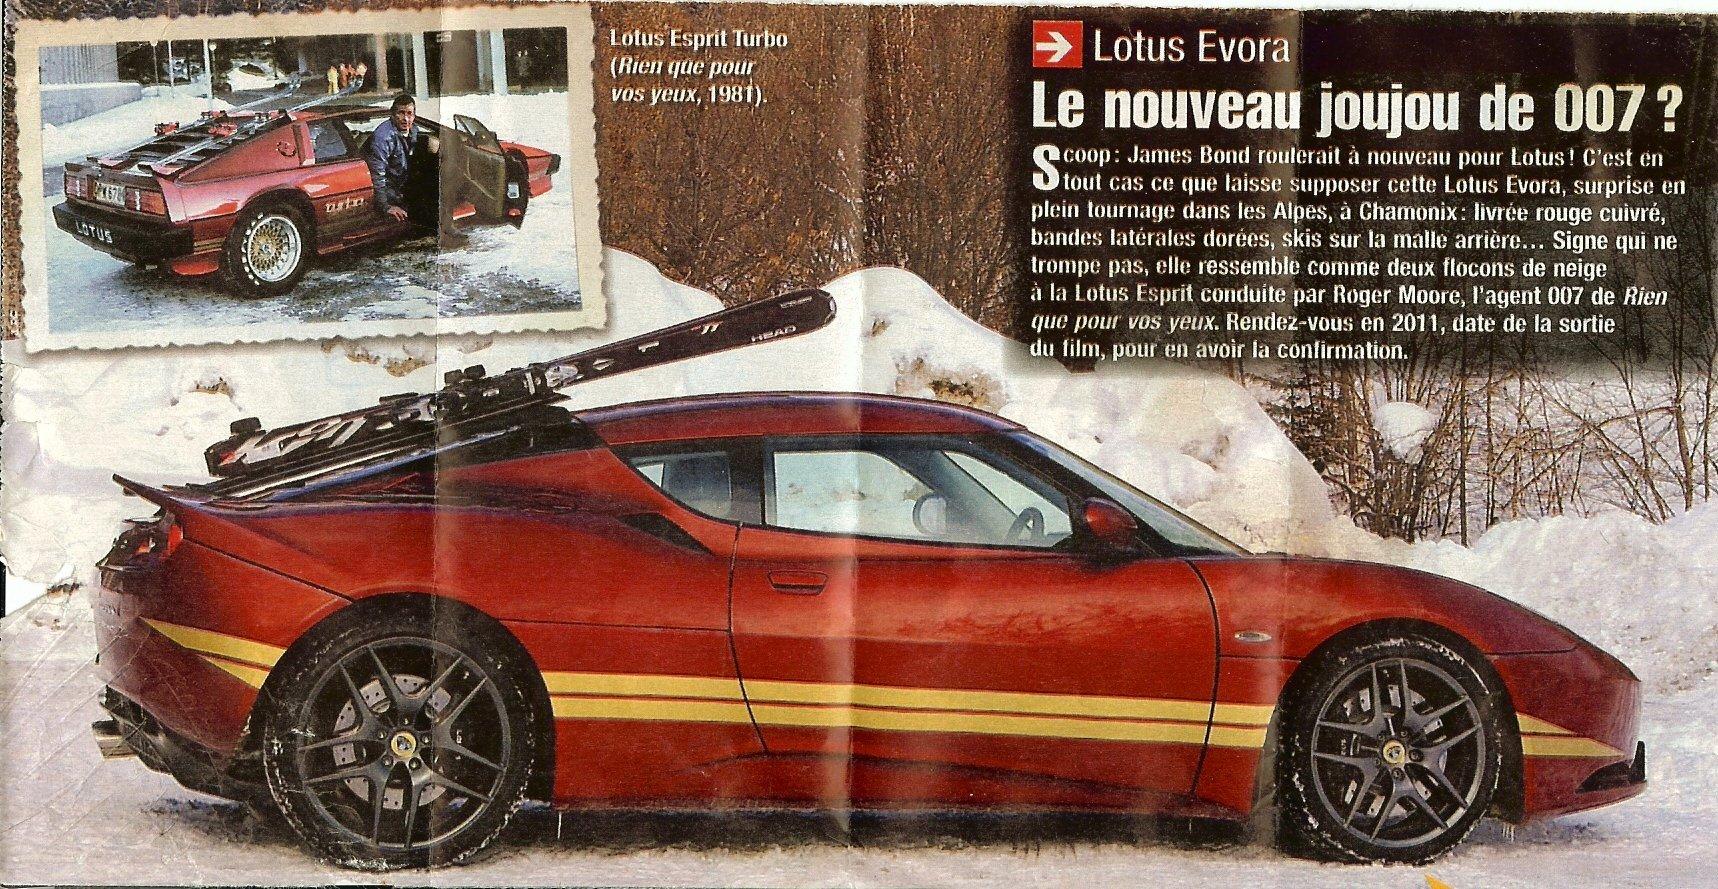 Lotus Evora Peut Etre La Prochaine James Bond Car 171 L